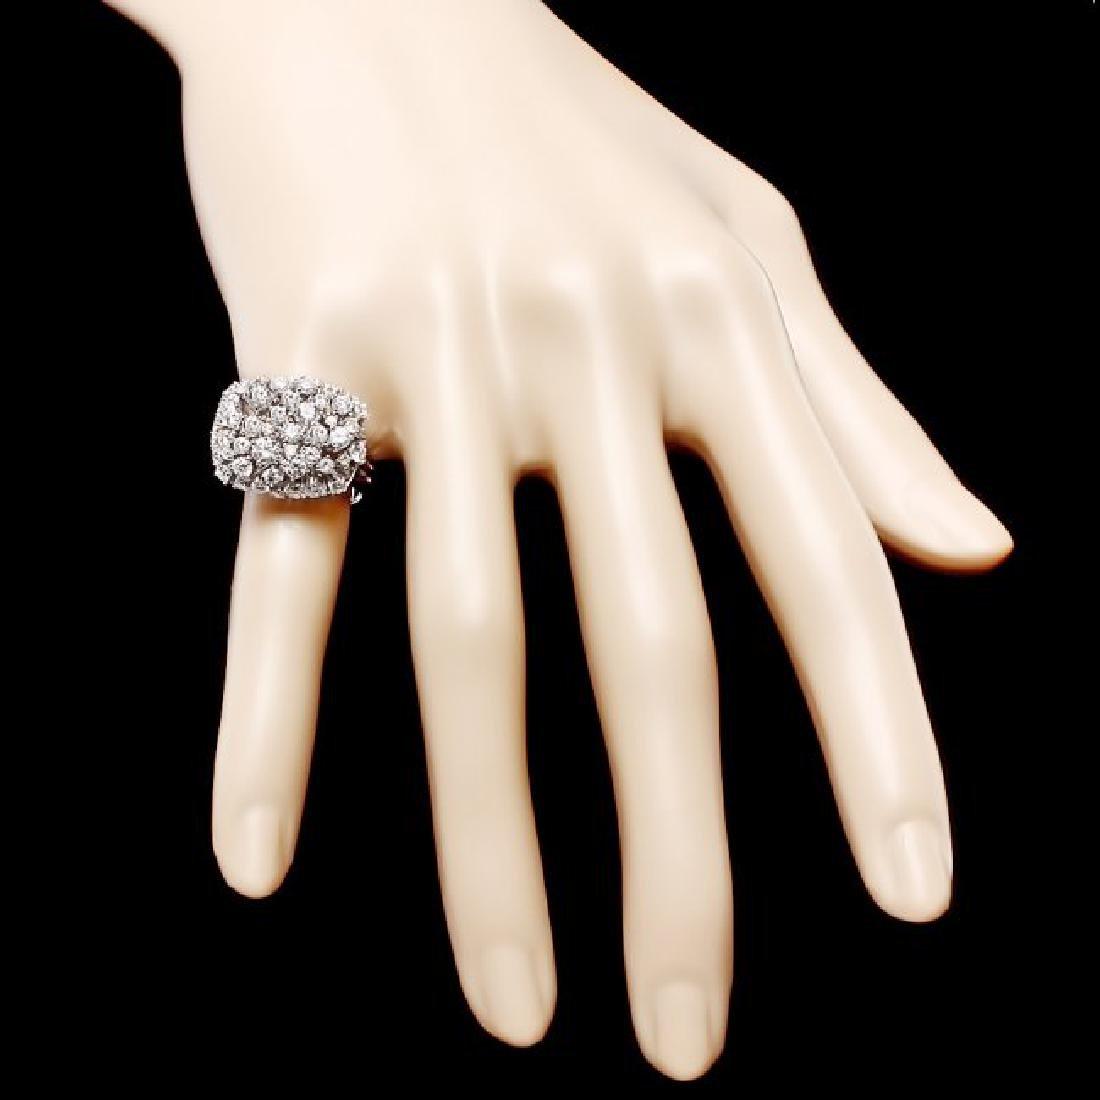 14k White Gold 2.50ct Diamond Ring - 4